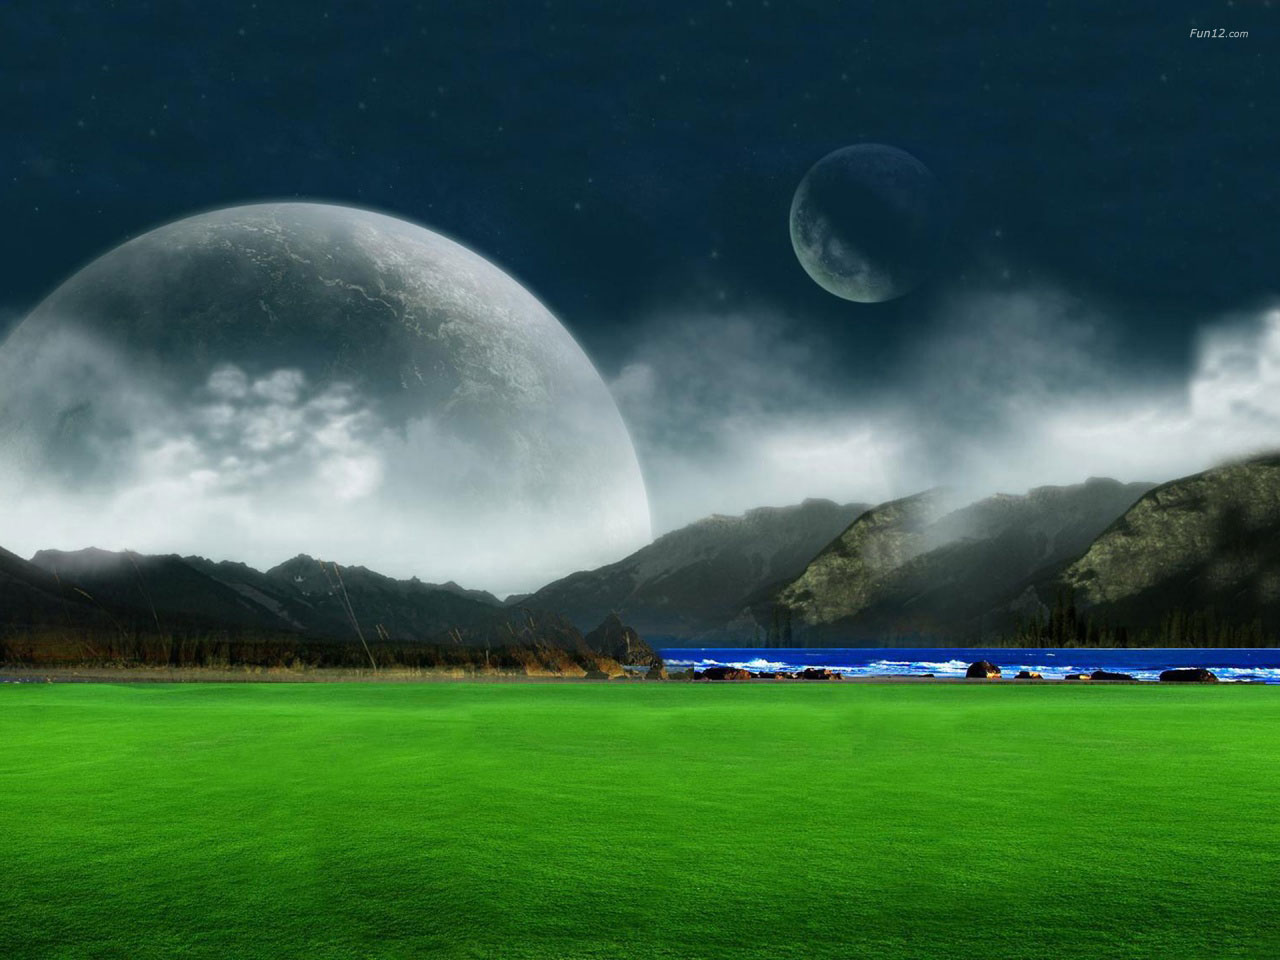 New 3d Wallpaper Landscape Desktop ~ Entertainment Site